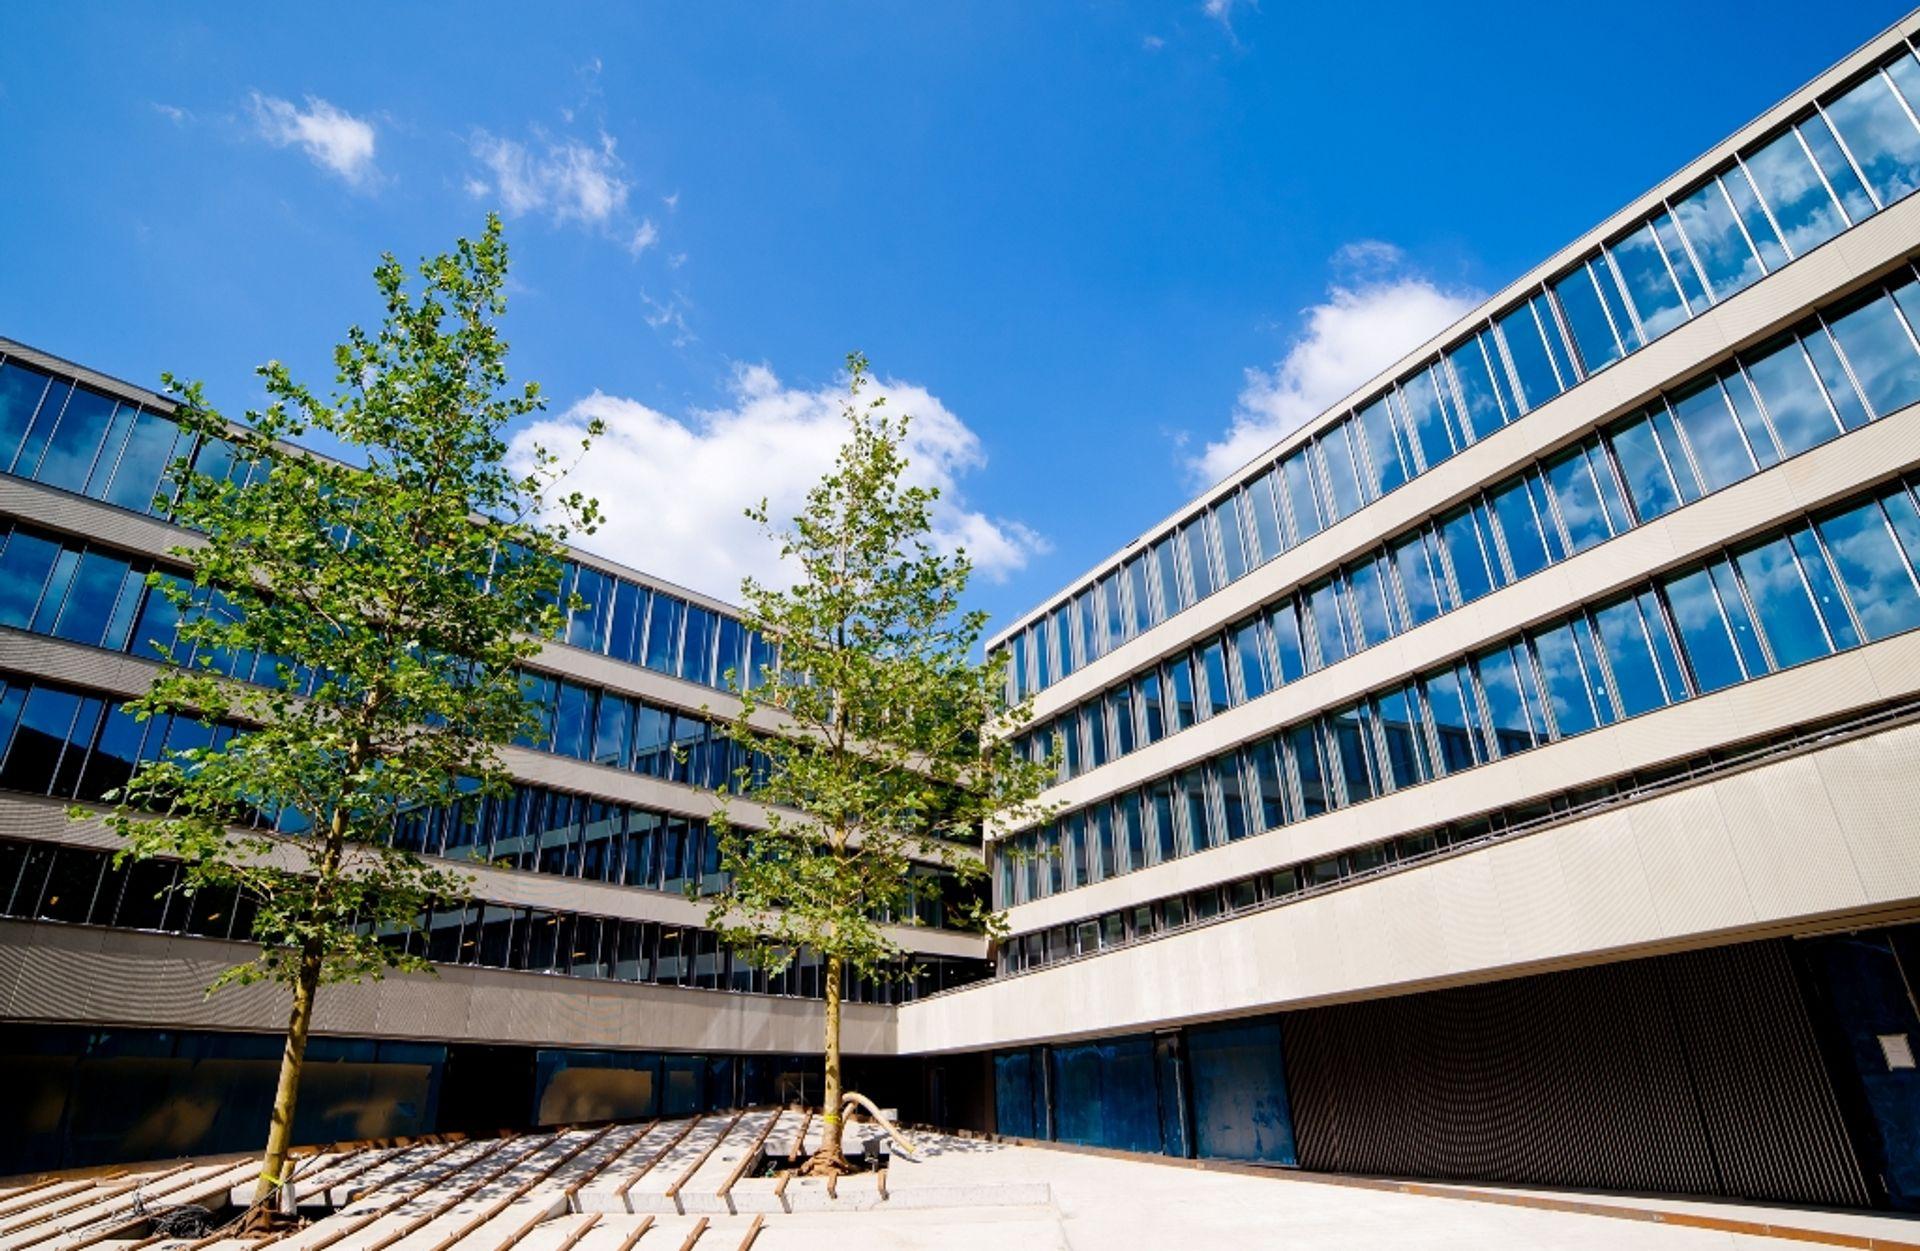 Wartość transakcji inwestycyjnych zrealizowanych na rynku nieruchomości komercyjnych w Europie Środkowo-Wschodniej w I półroczu sięgnęła 2,55 mld euro